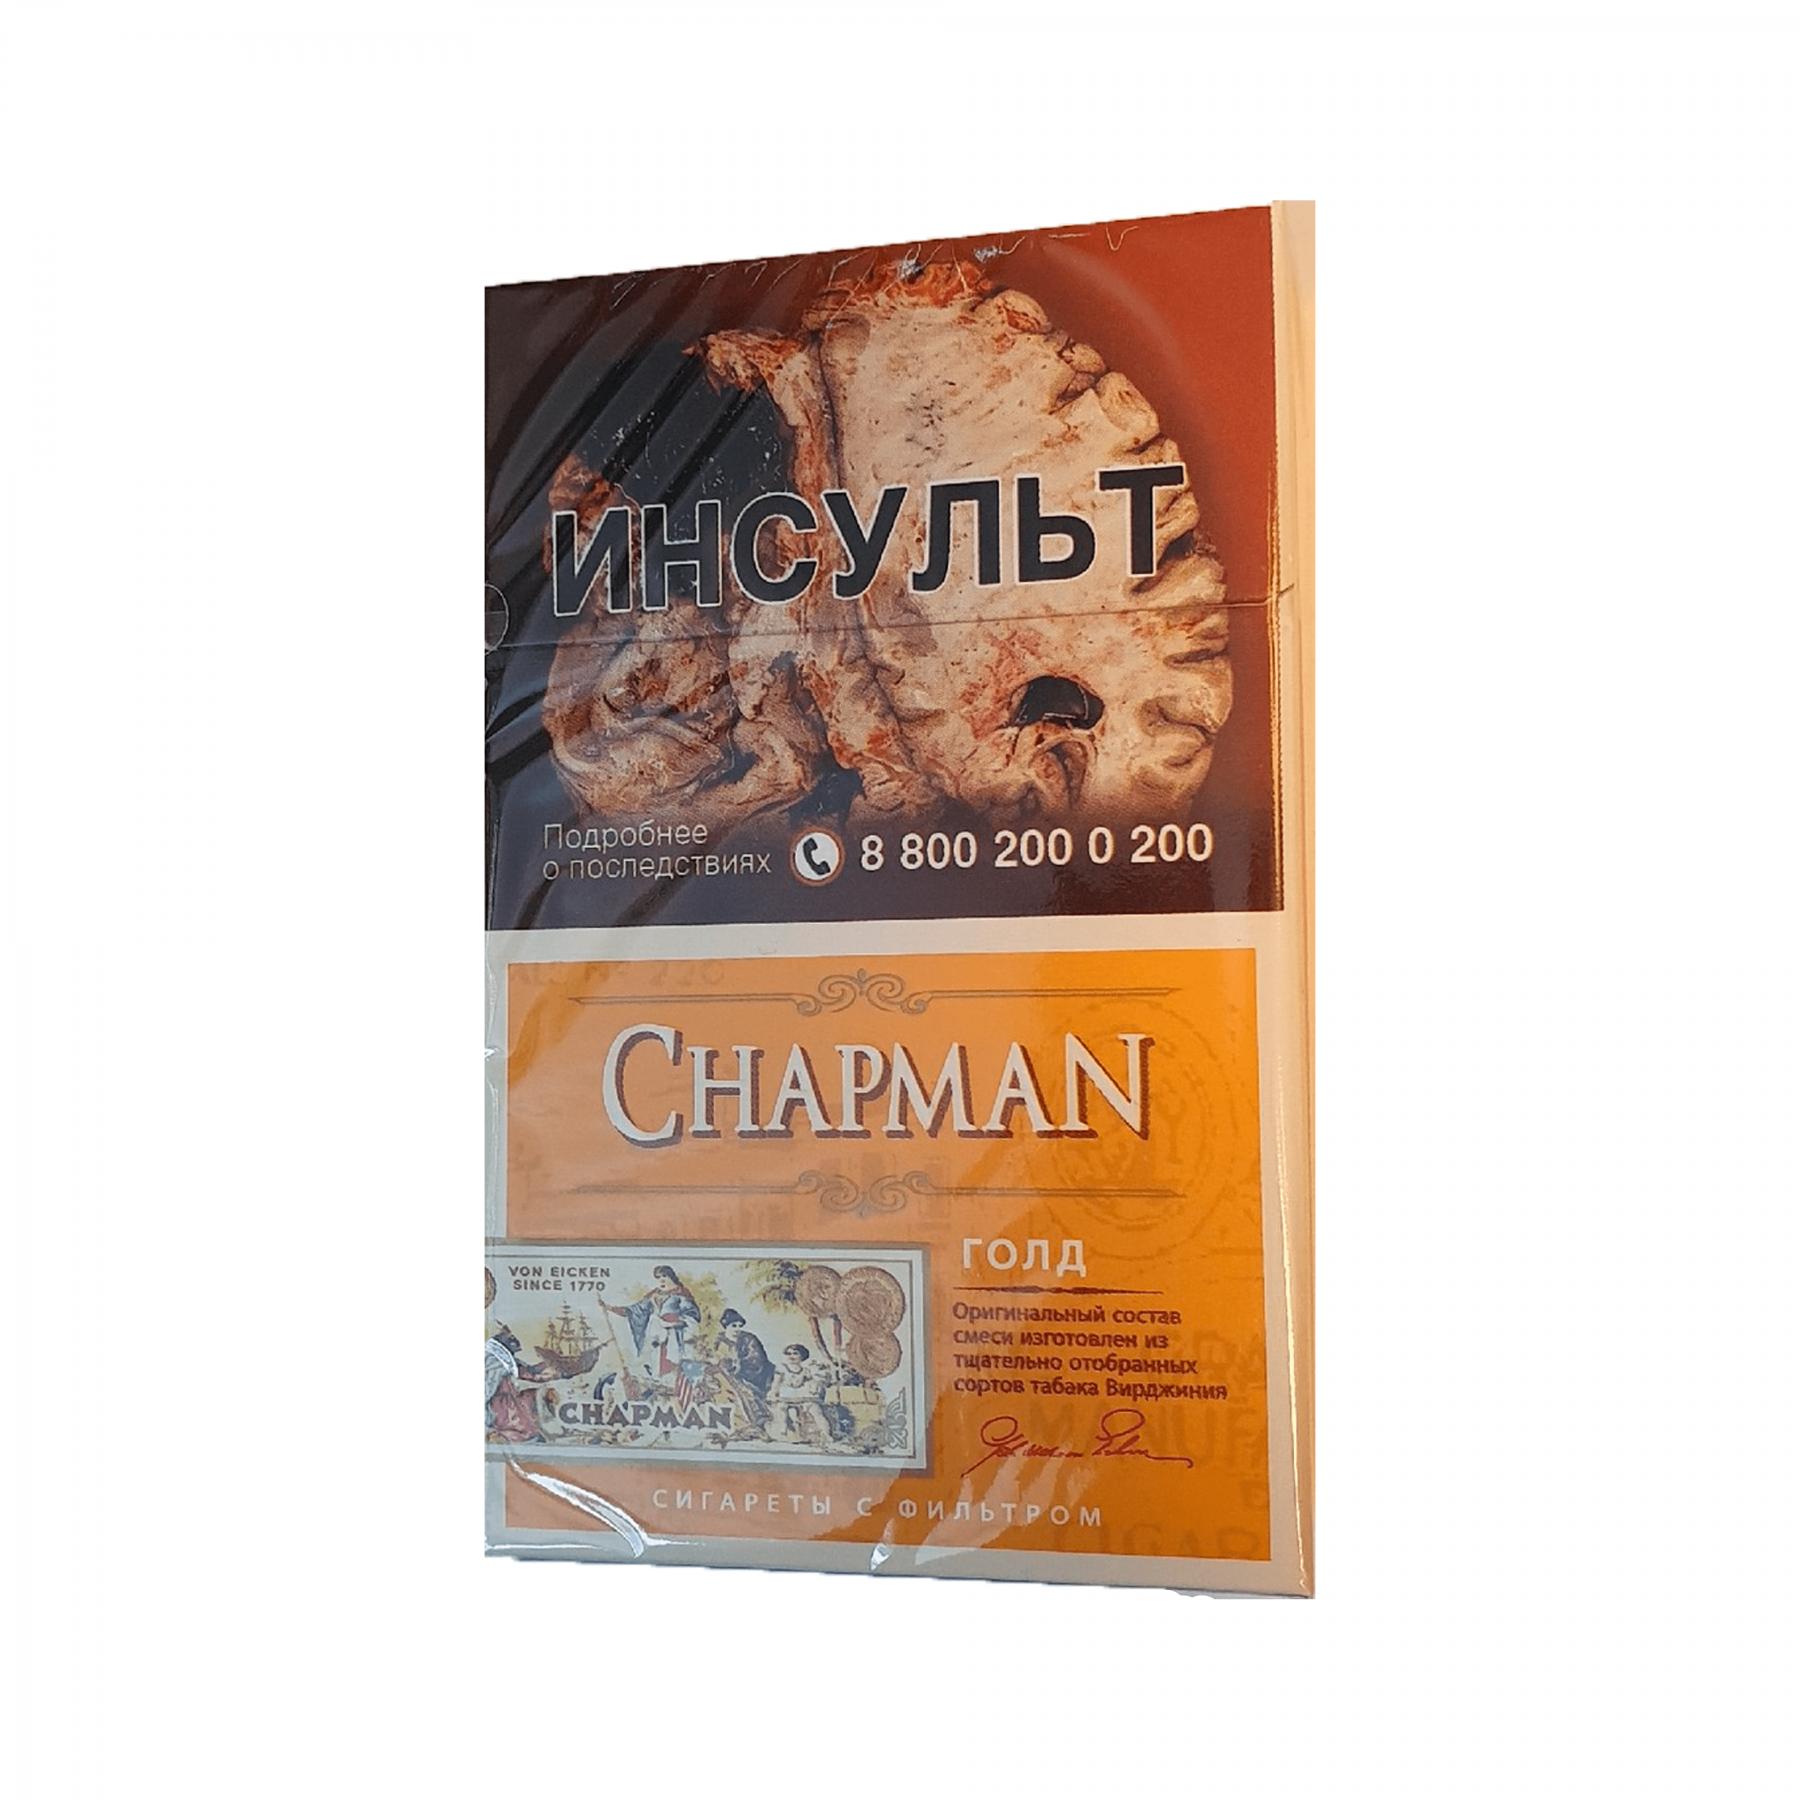 Чапман браун сигареты купить спб купить табак на развес для сигарет форум спб